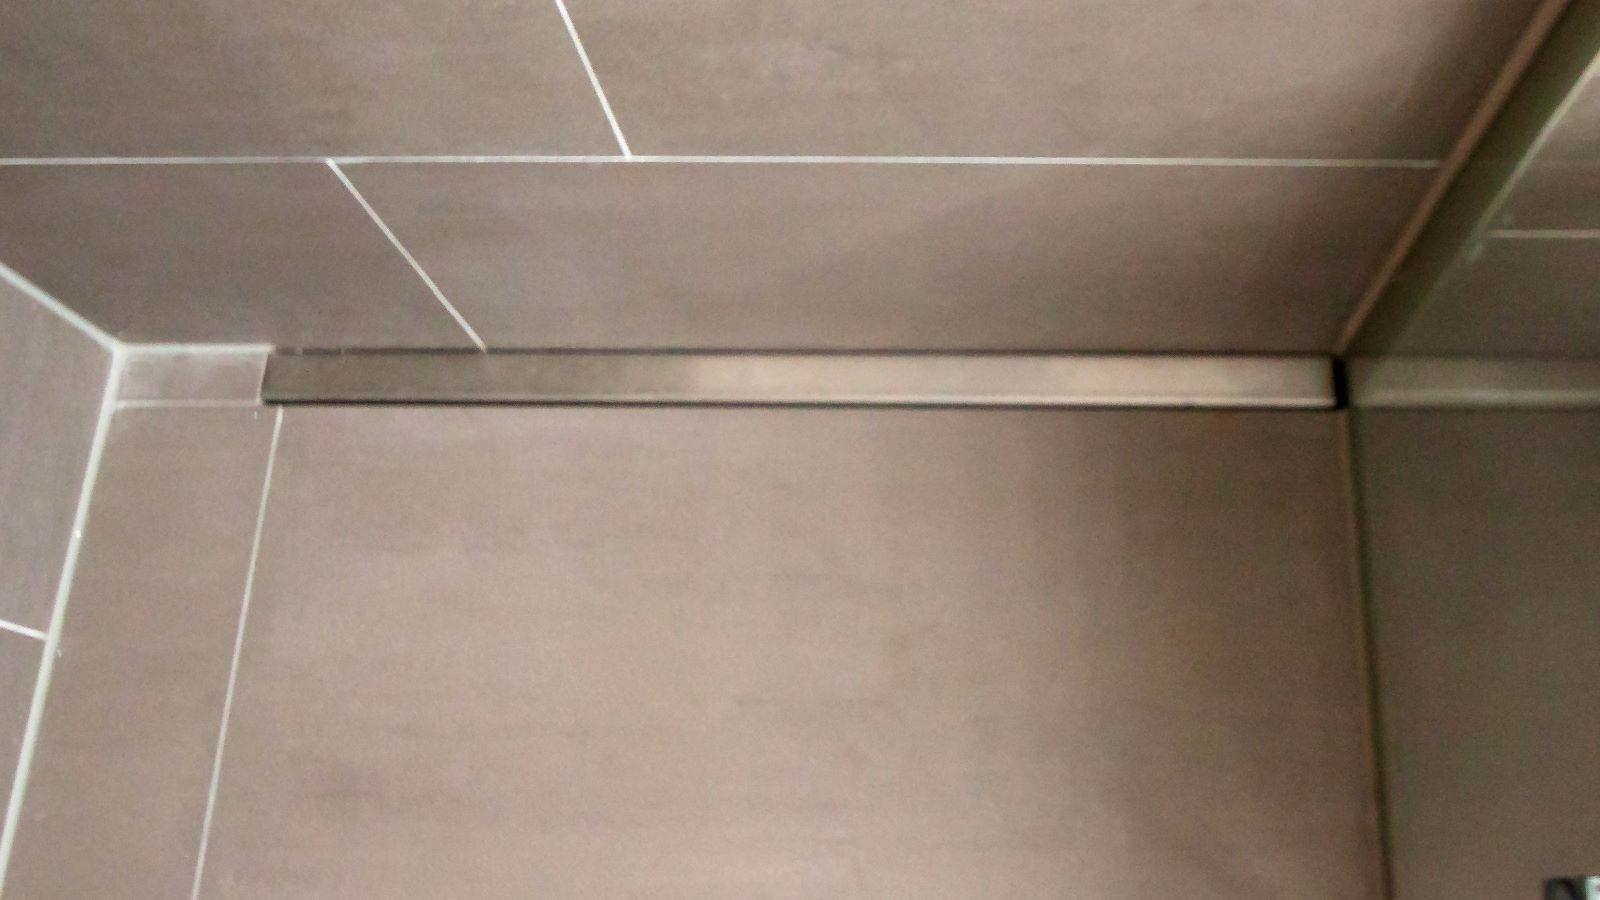 Massgefertigte v4a edelstahl-duschrinne pro mit individuellen seitlichen ausfuehrungen fuer den wandbuendigen einbau. Gezeigt wird die bodenebene dusche mit der unauffaelligen duschrinne pro an der rueckwand eingebaut. Rechts schliesst die massgefertigte duschrinne pro direkt an die glasduschwand an. Die individuelle seitliche ausfuehrung der duschrinne pro ist entsprechend hinten aufkantung fuer wand und rechts kleine aufkantung im rechten winkel fuer glasduschwand.